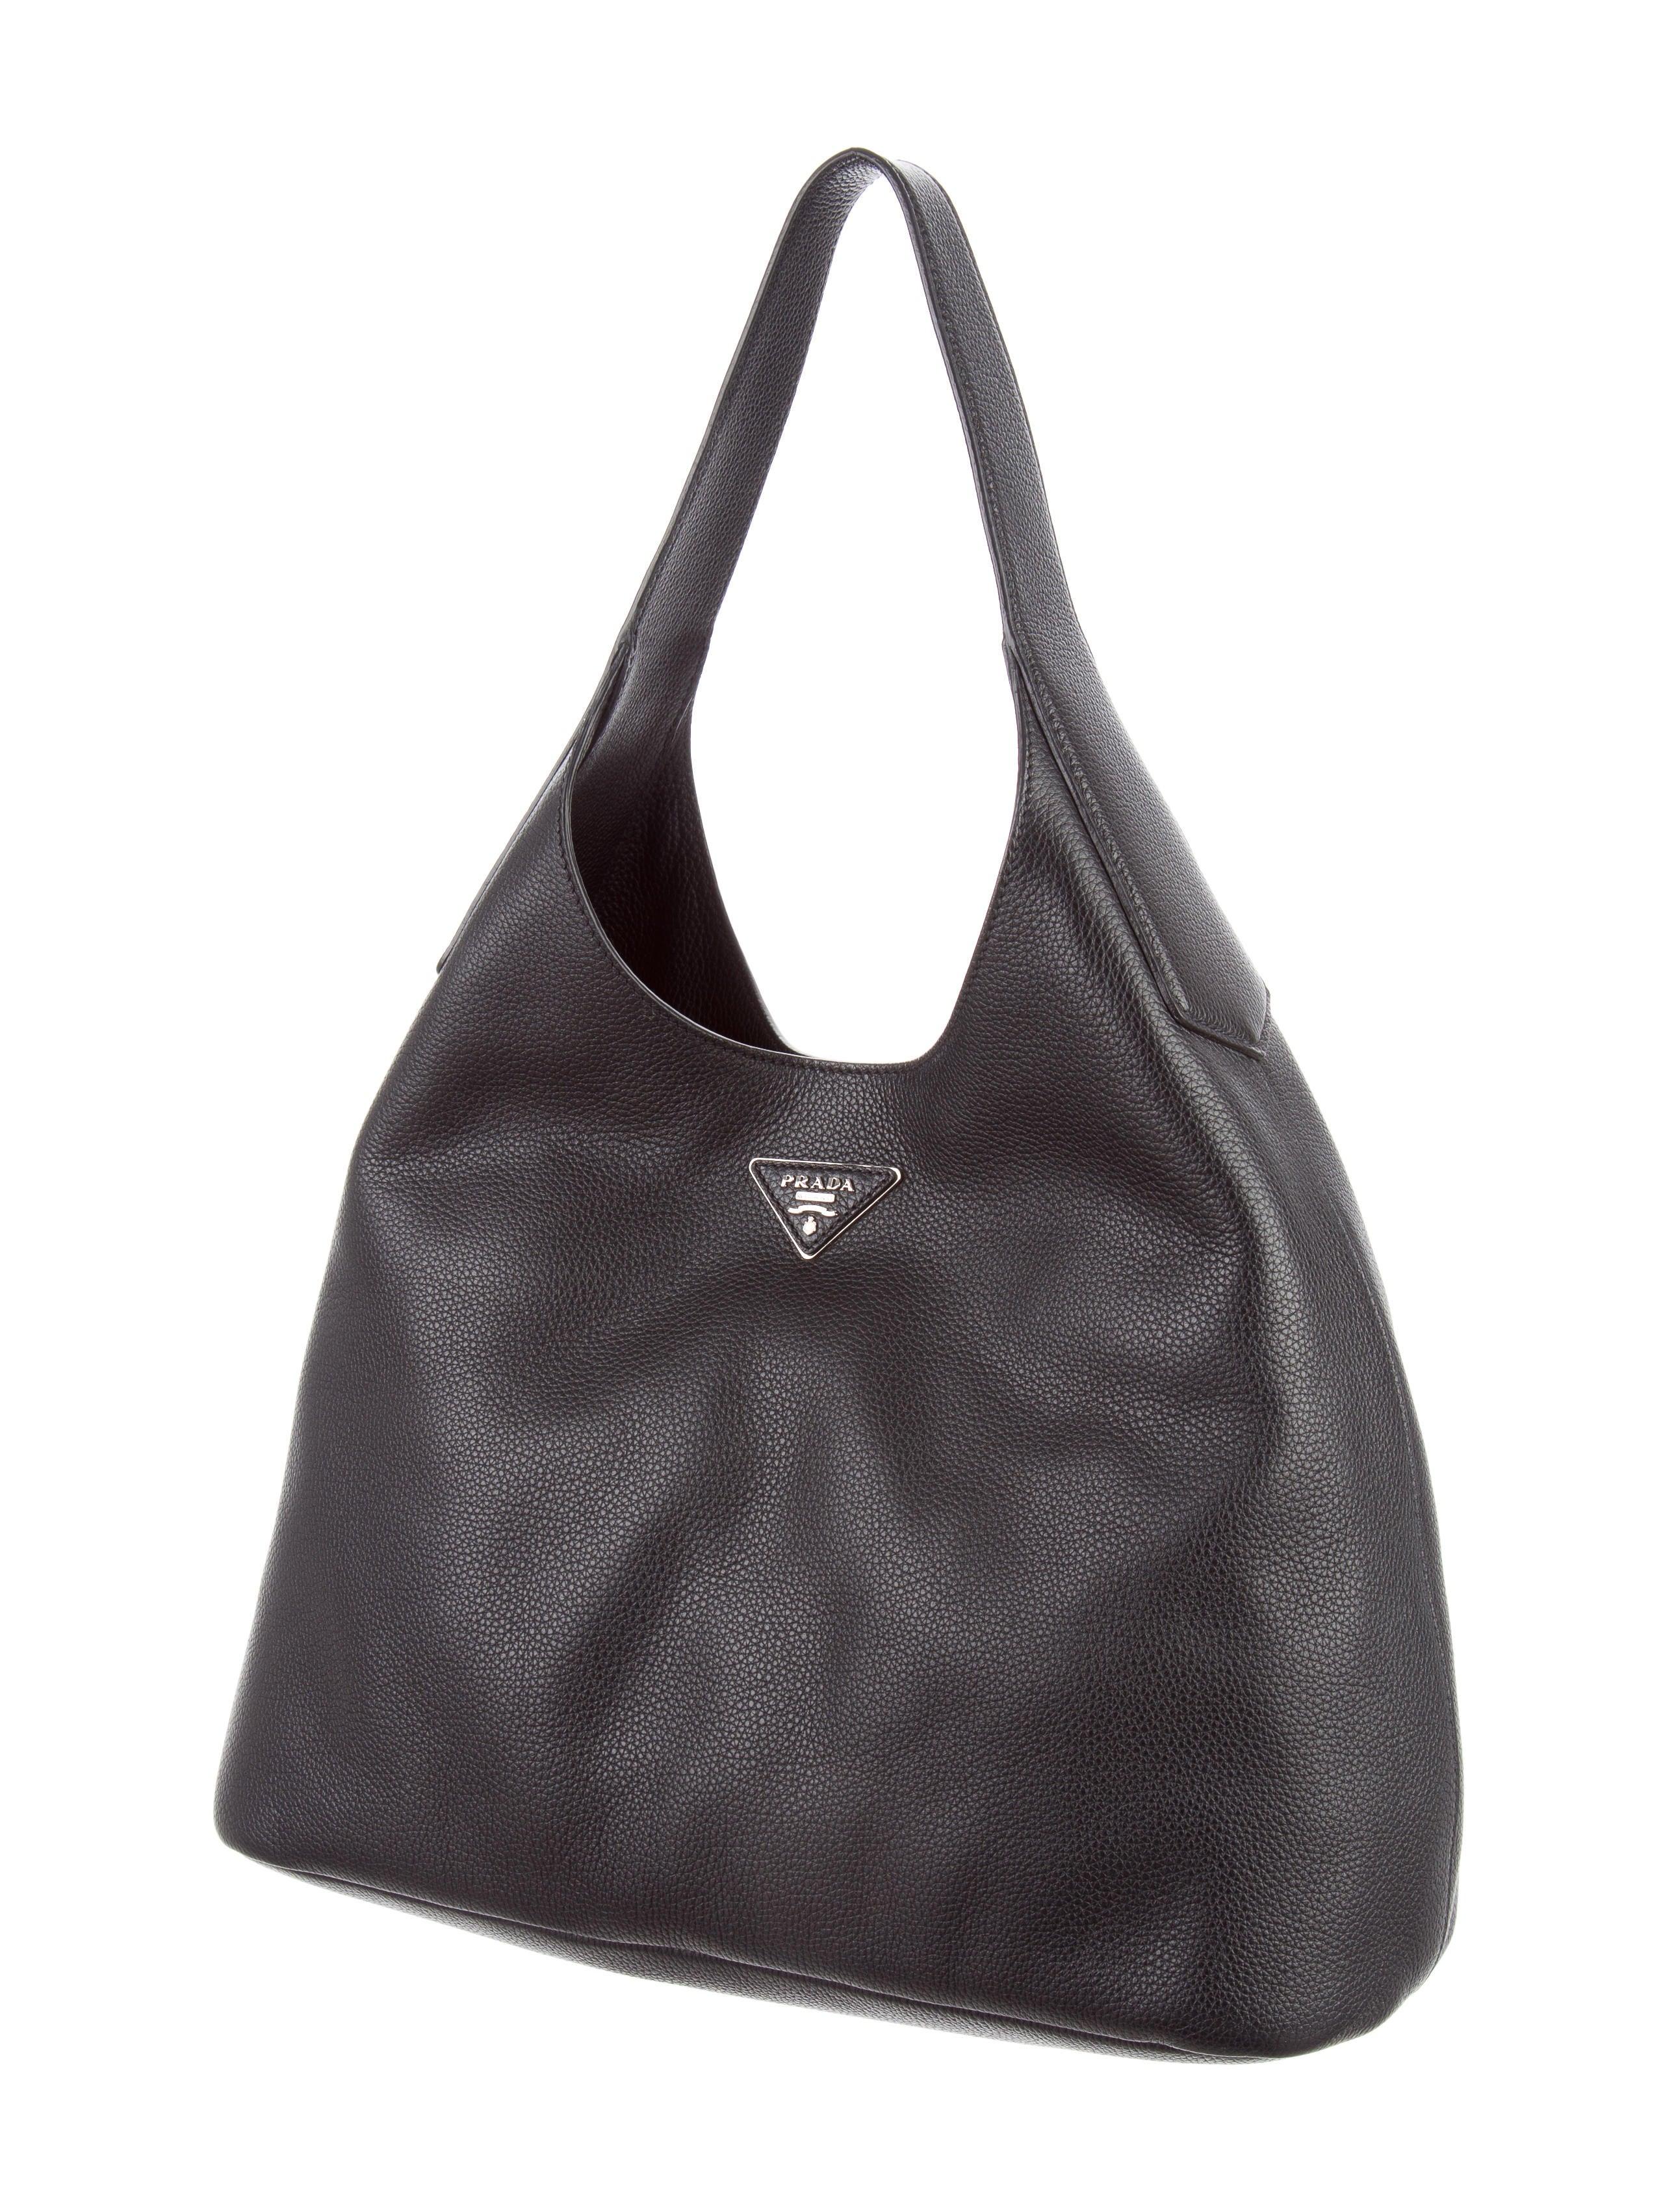 d05181233494 Prada Vitello Daino Hobo - Handbags - PRA159608